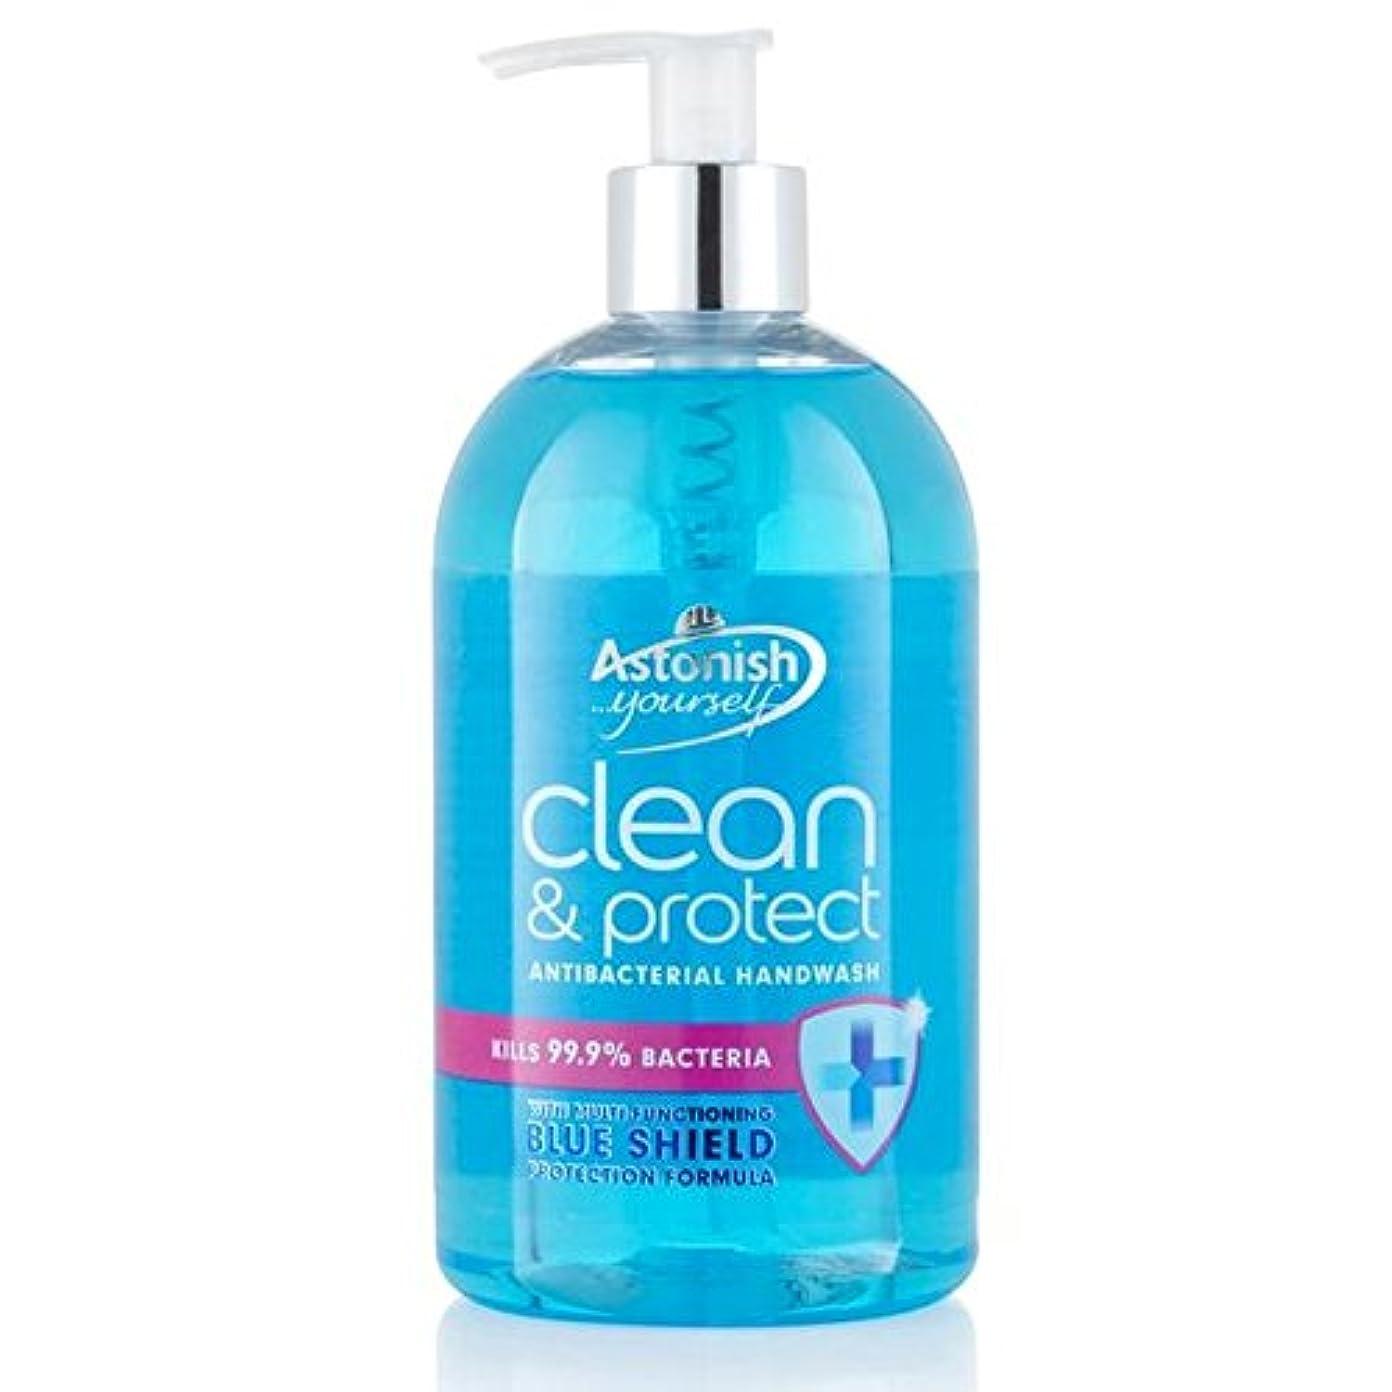 眉サーキットに行くおAstonish Clean & Protect Hand Wash 500ml - クリーン驚か&ハンドウォッシュ500ミリリットルを保護 [並行輸入品]